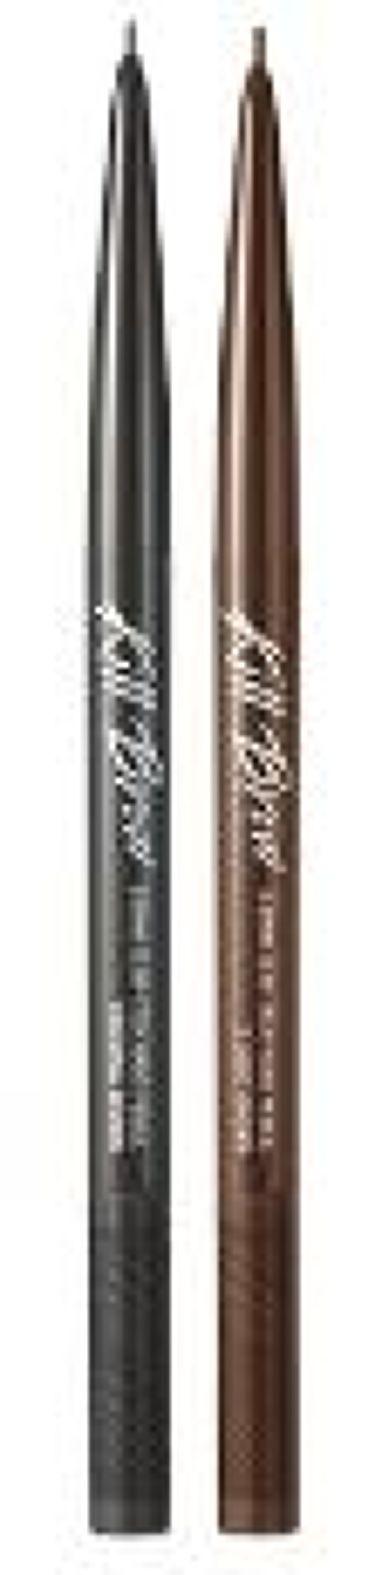 キルブロウ 0.9mmスリムテックハードペンシル